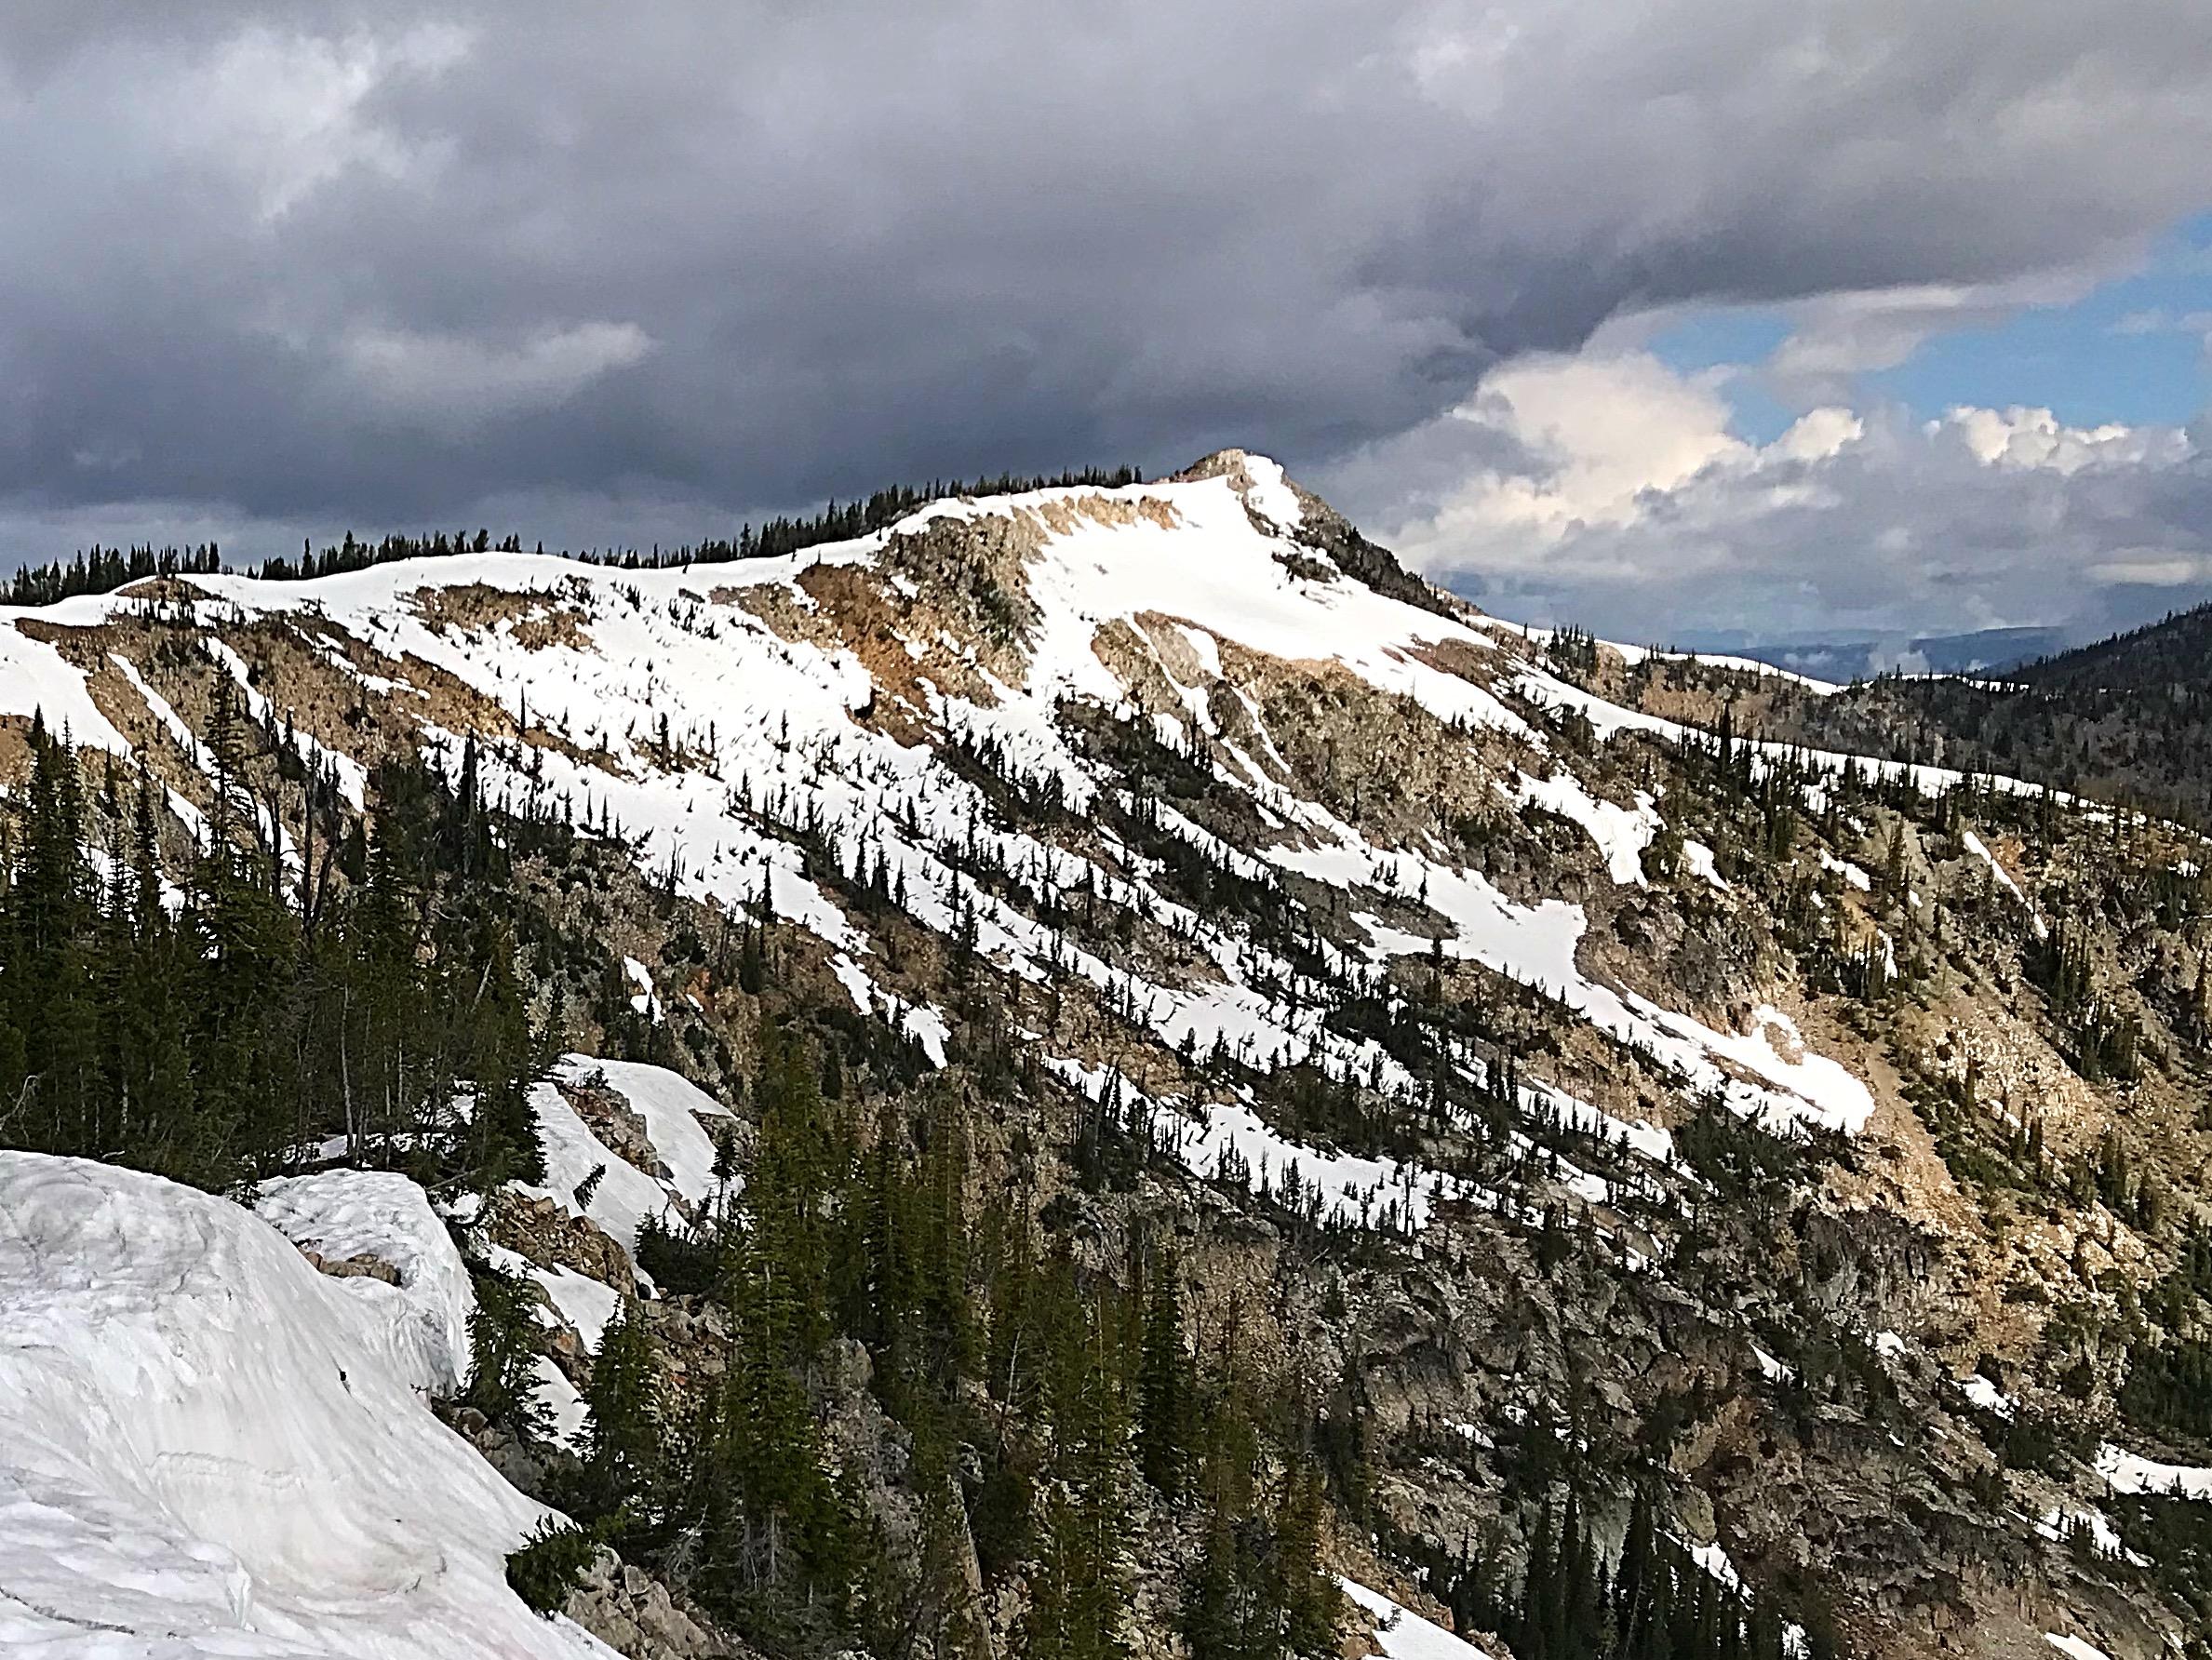 Approaching Wilson Peak.